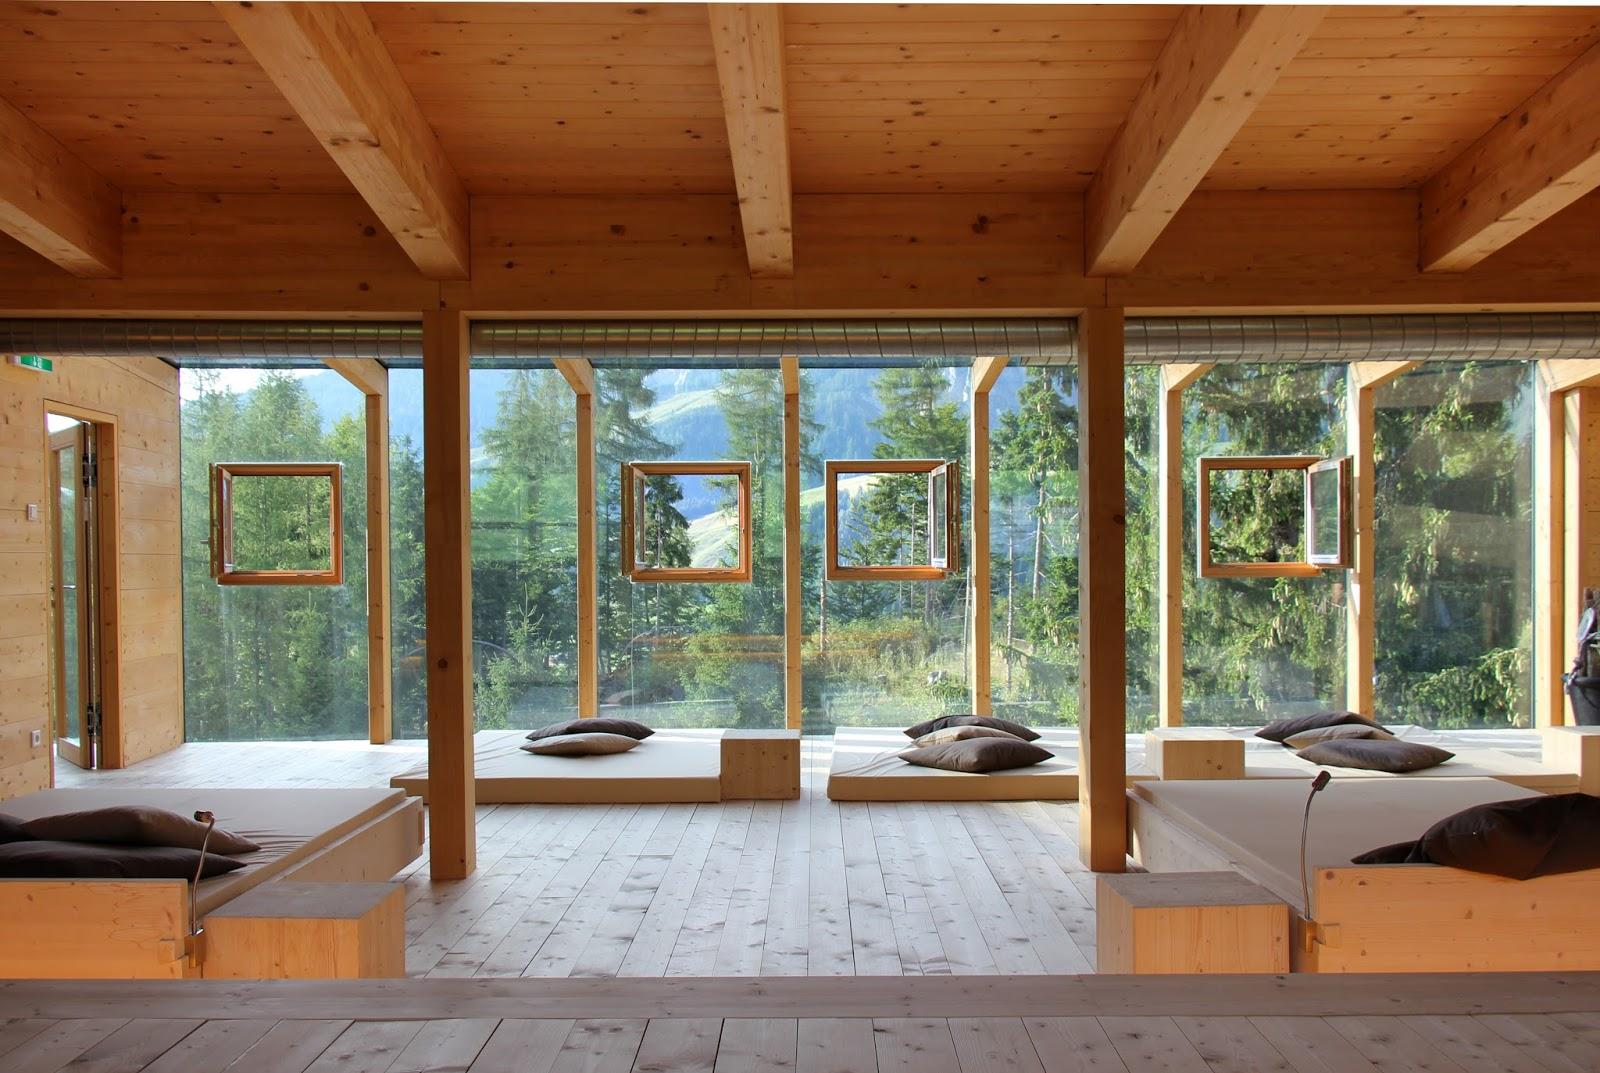 anneliwest berlin traveling austria 2 holzhotel forsthofalm. Black Bedroom Furniture Sets. Home Design Ideas